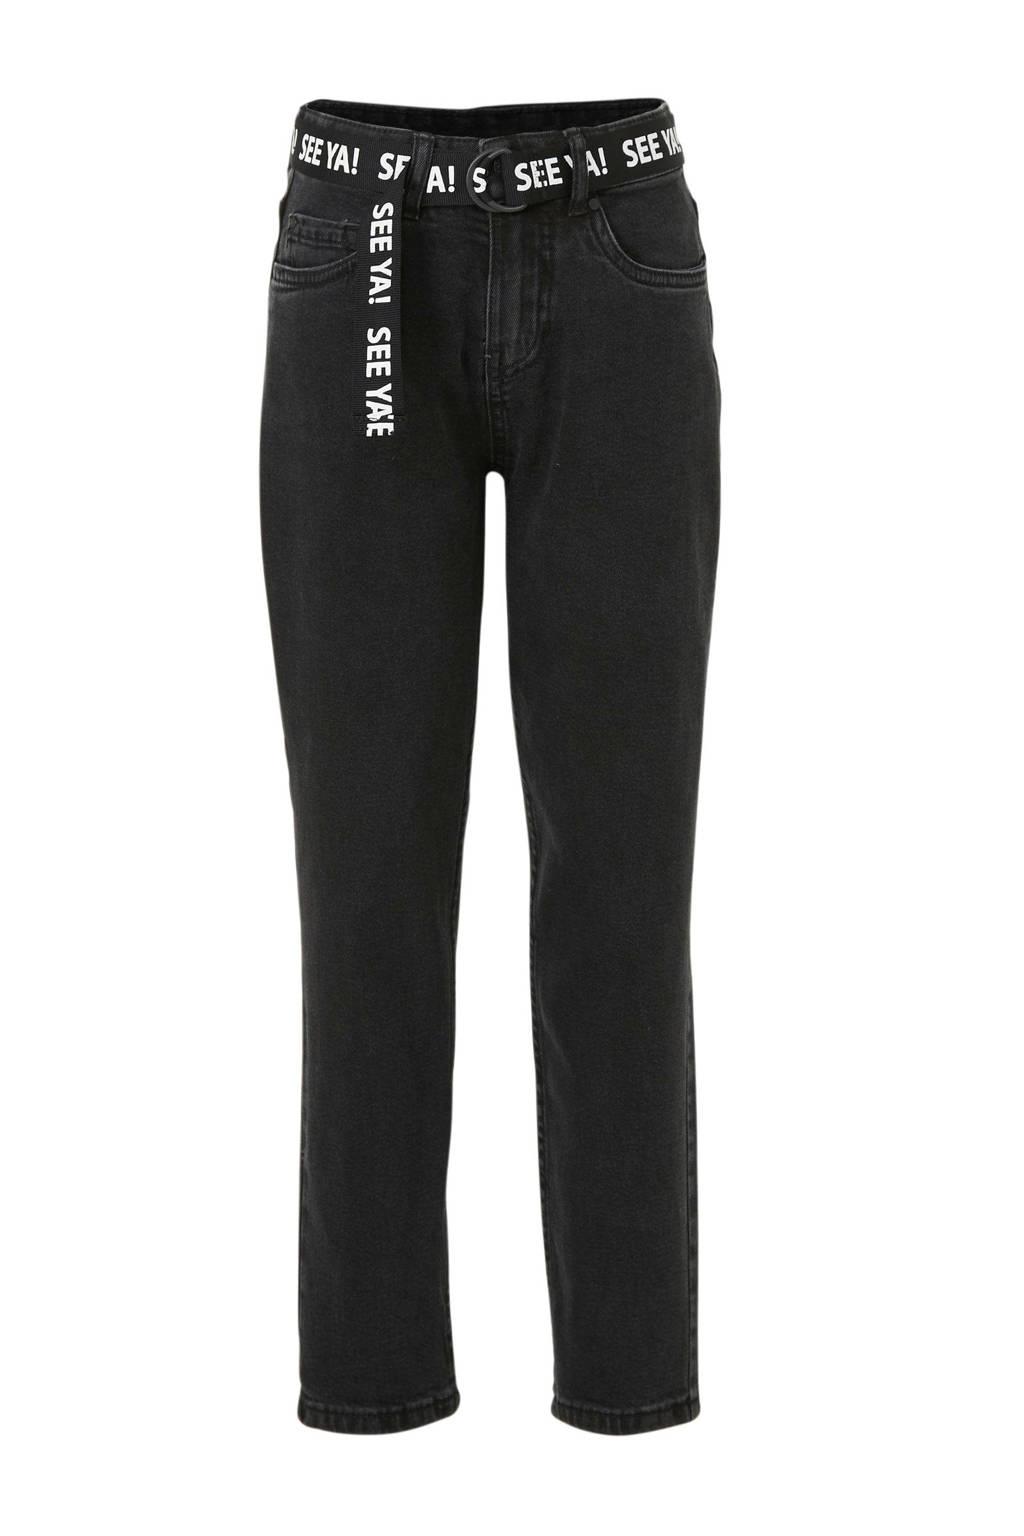 C&A skinny jeans zwart, Zwart